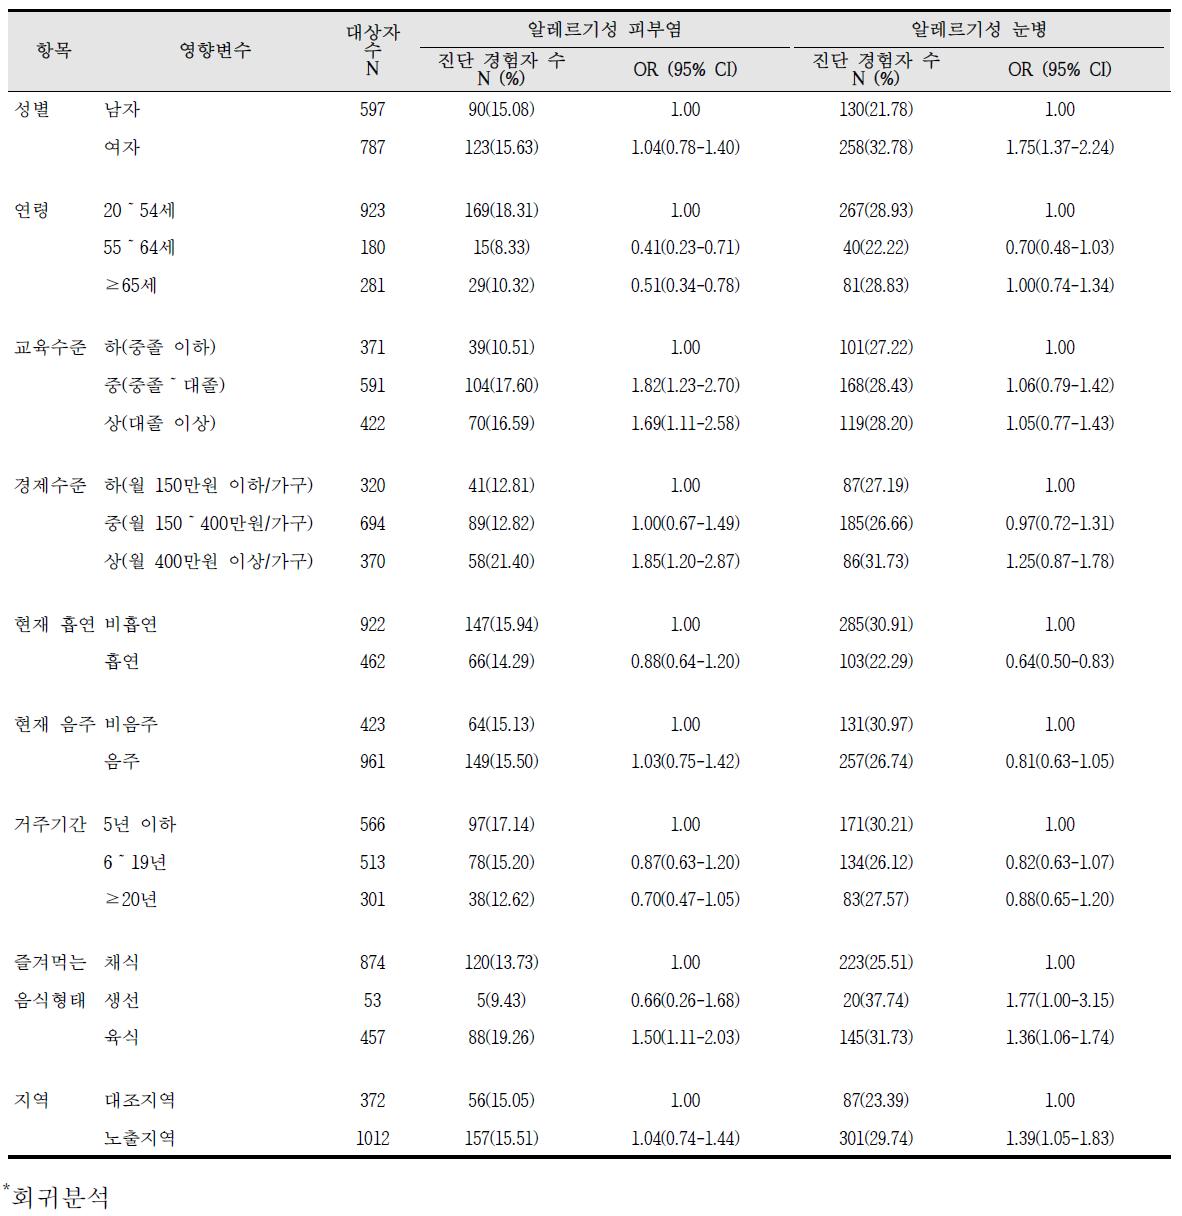 청주산업단지 알레르기 질환 증상의 영향요인 분석 결과(2)